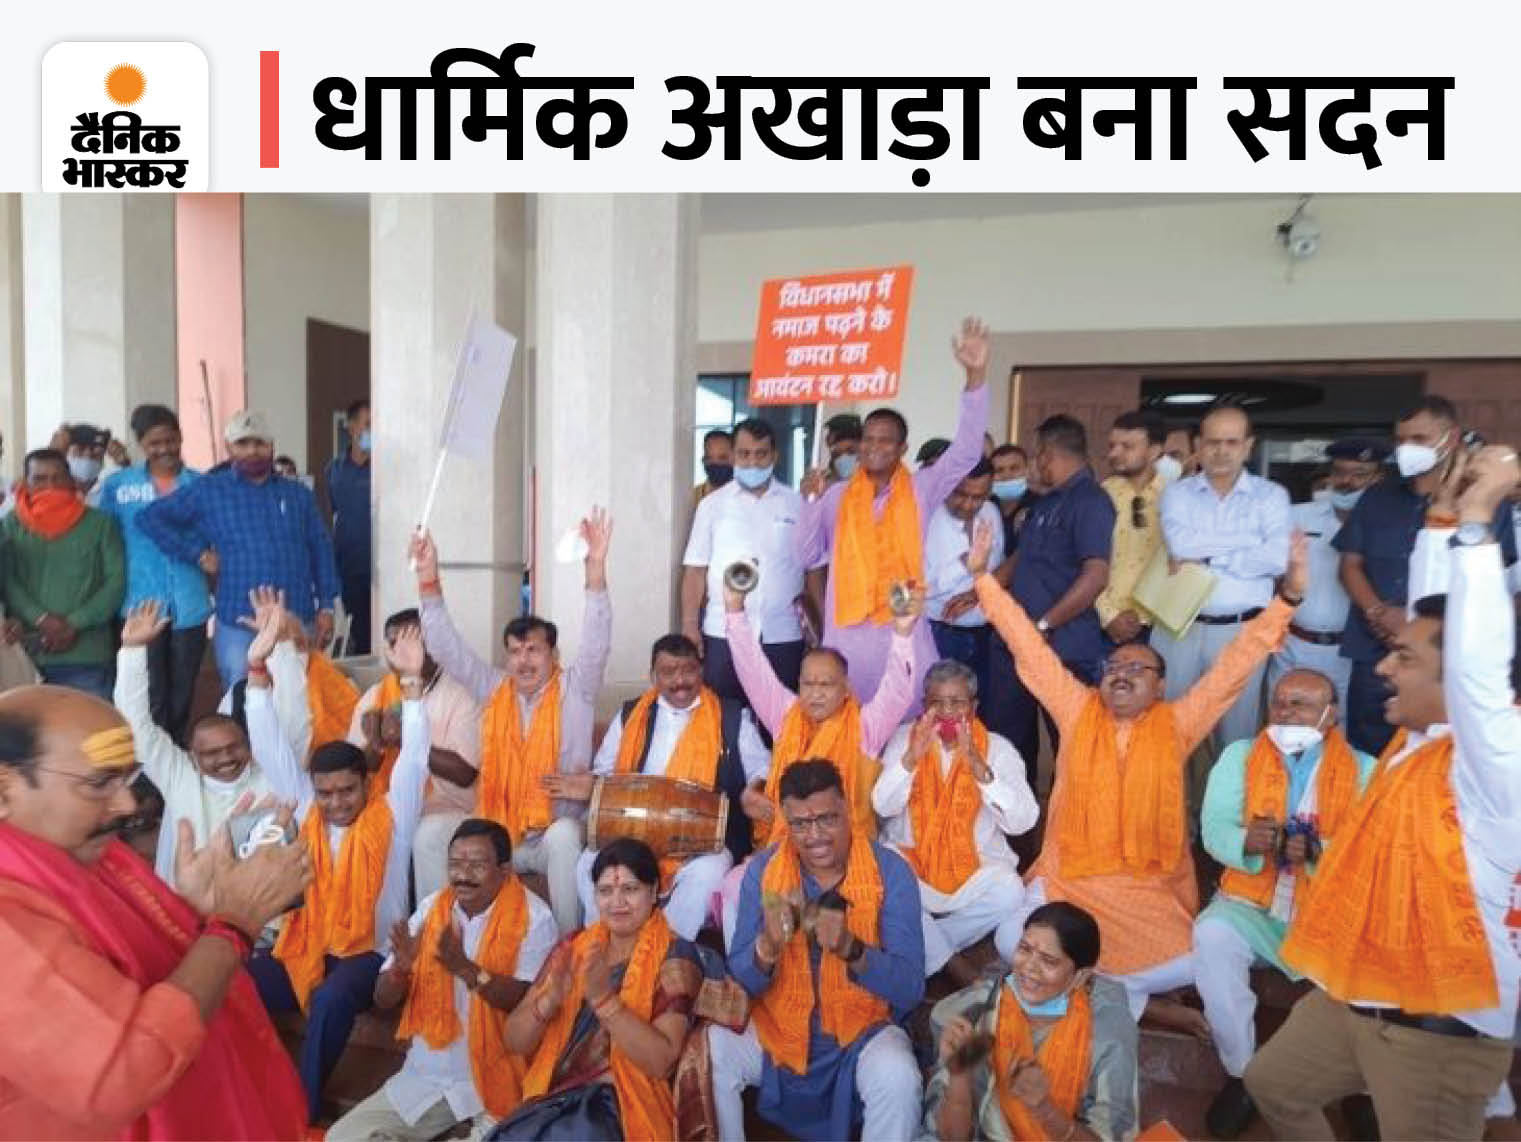 झारखंड में BJP विधायकों ने विधानसभा के बाहर भजन गाया, अंदर लगाए जय श्रीराम और हर-हर महादेव के नारे, वित्त मंत्री ने हनुमान चालीसा का पाठ किया|रांची,Ranchi - Dainik Bhaskar